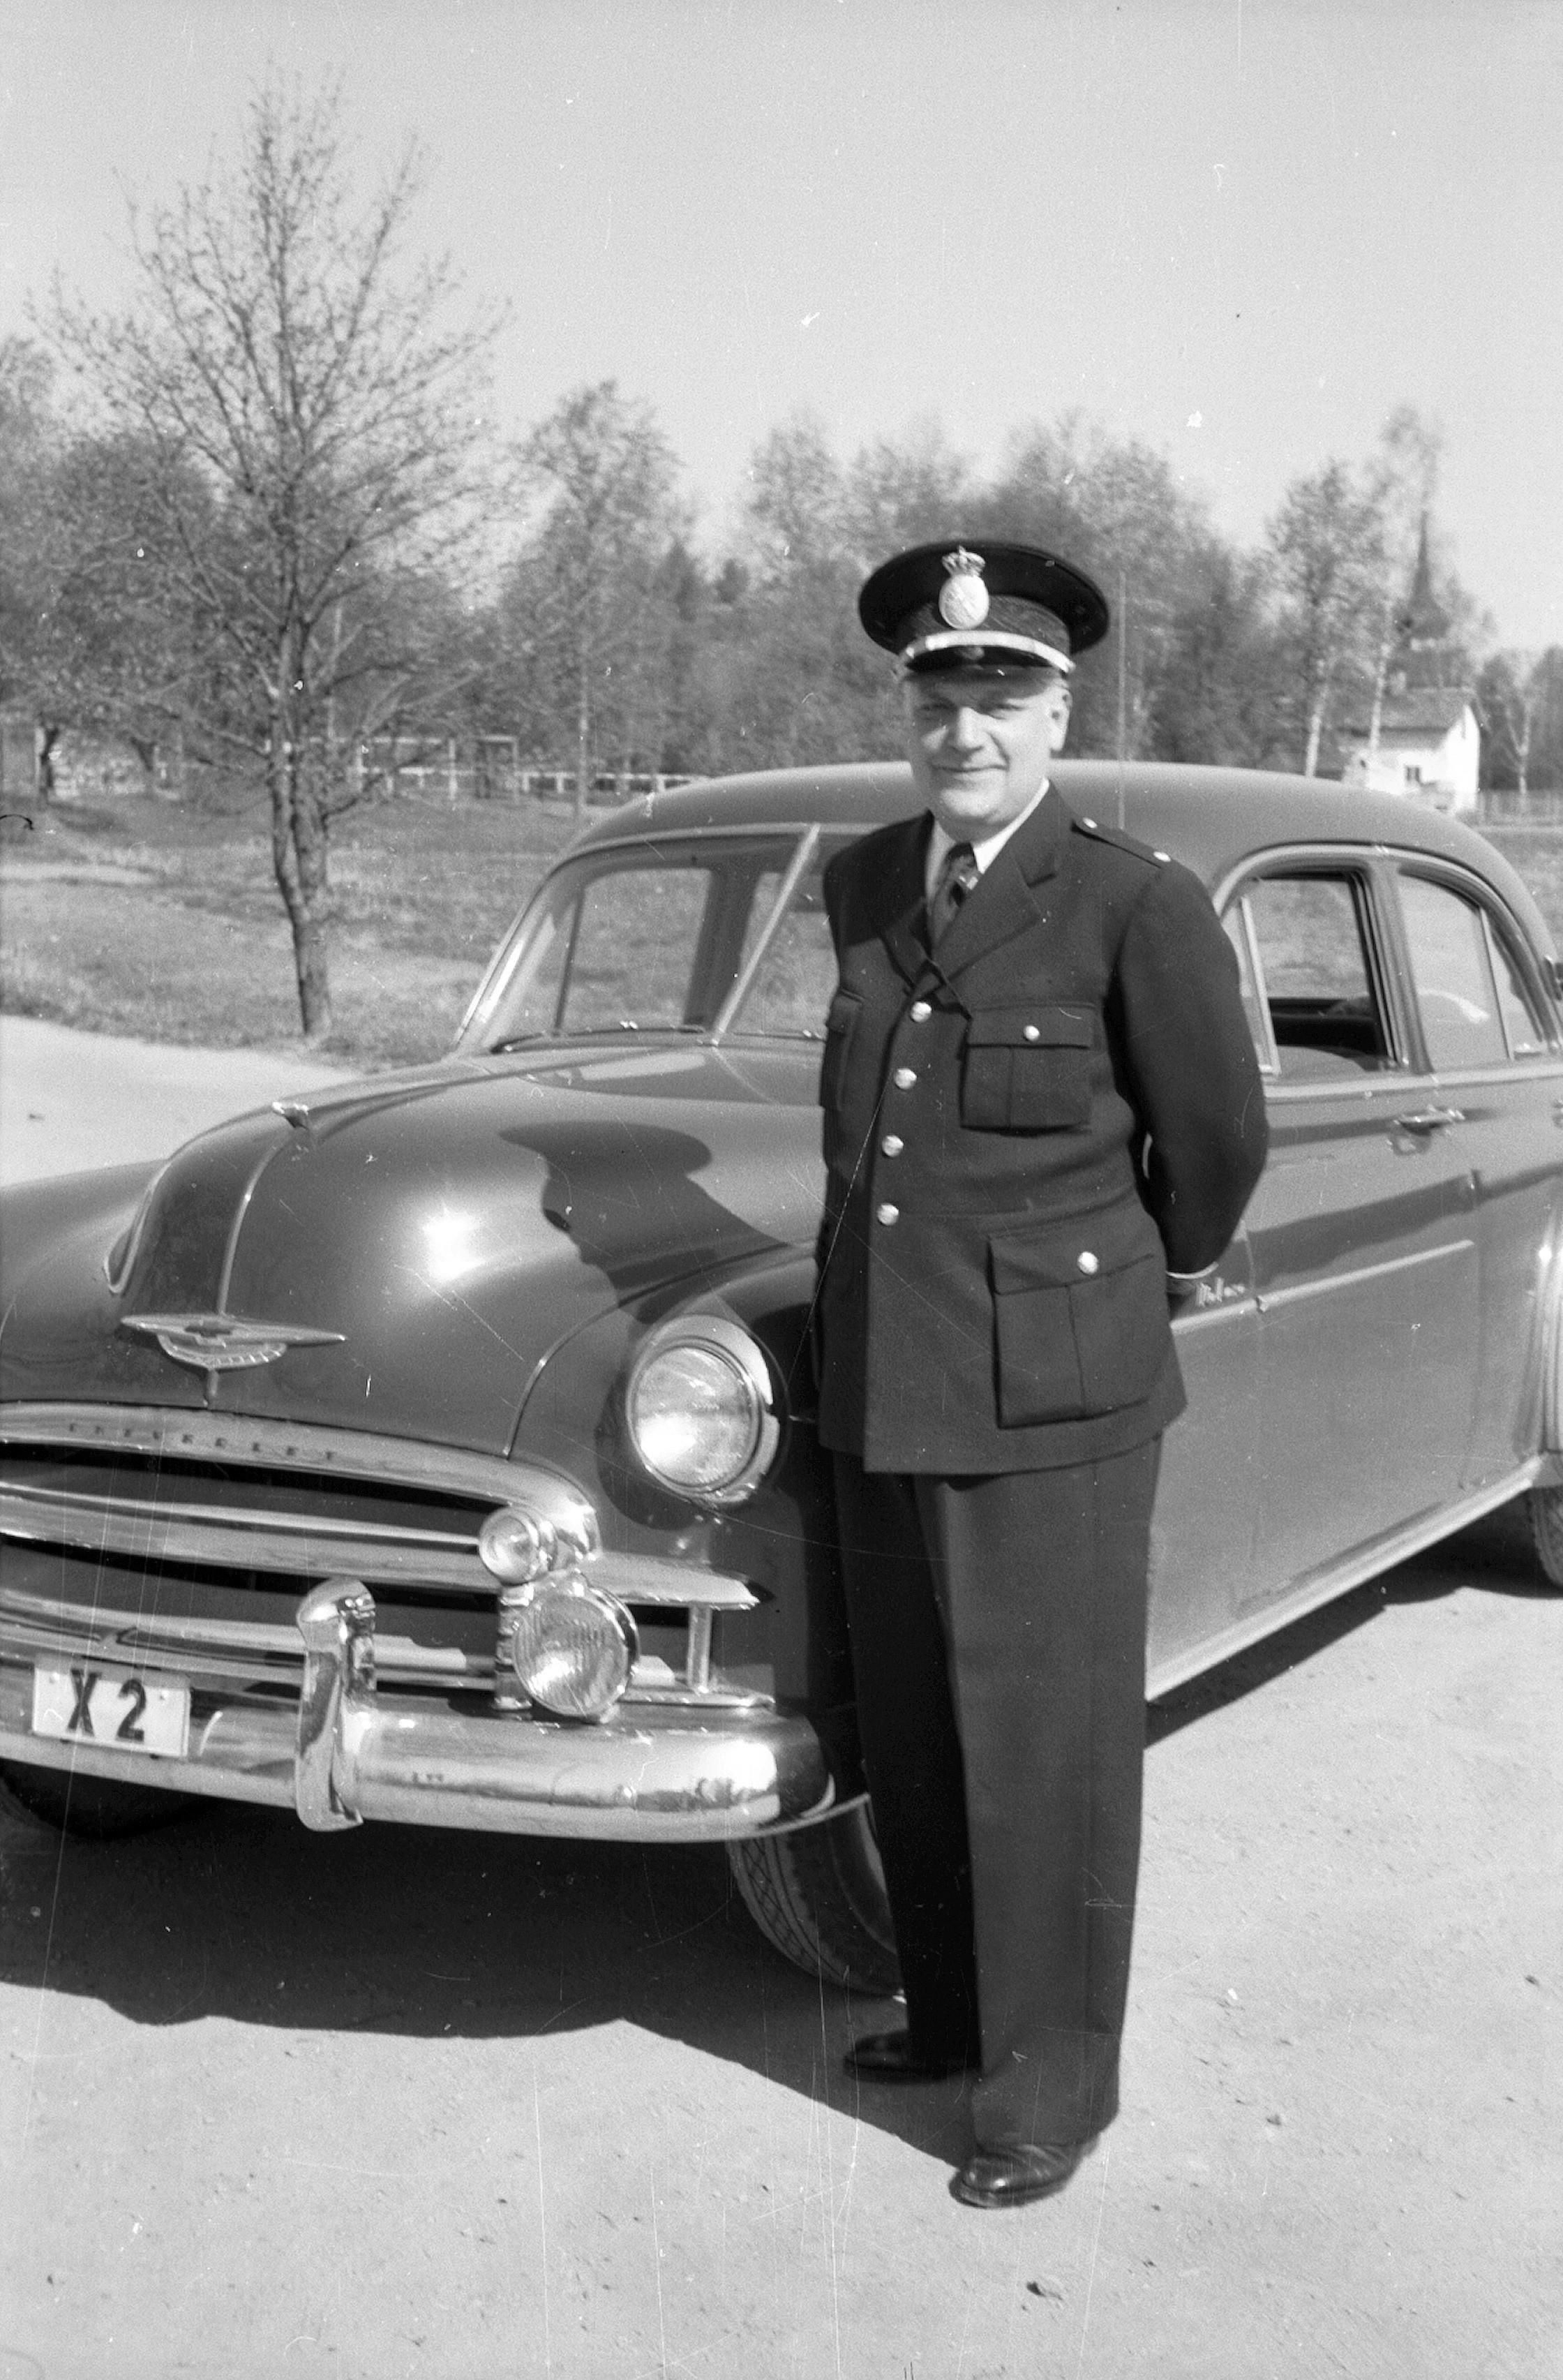 Carl Larsson, 1952, Polismästare Sven Berglund. Bildkälla: Länsmuseet Gävleborg.